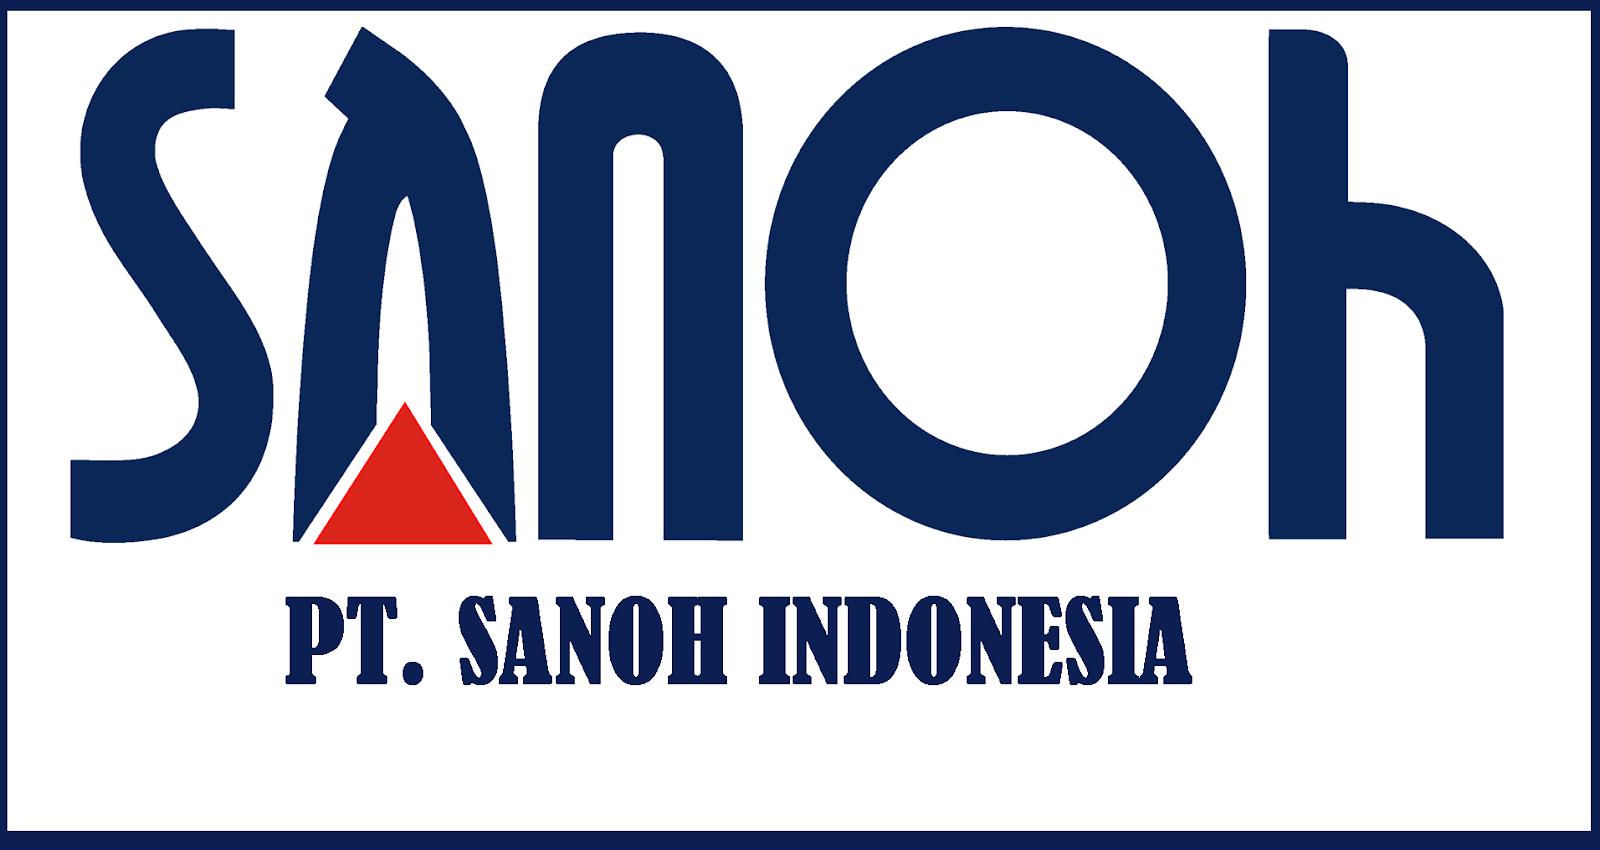 Lowongan Kerja Terbaru Via Pos Hari Ini di SANOH INDONESIA Bekasi West Java